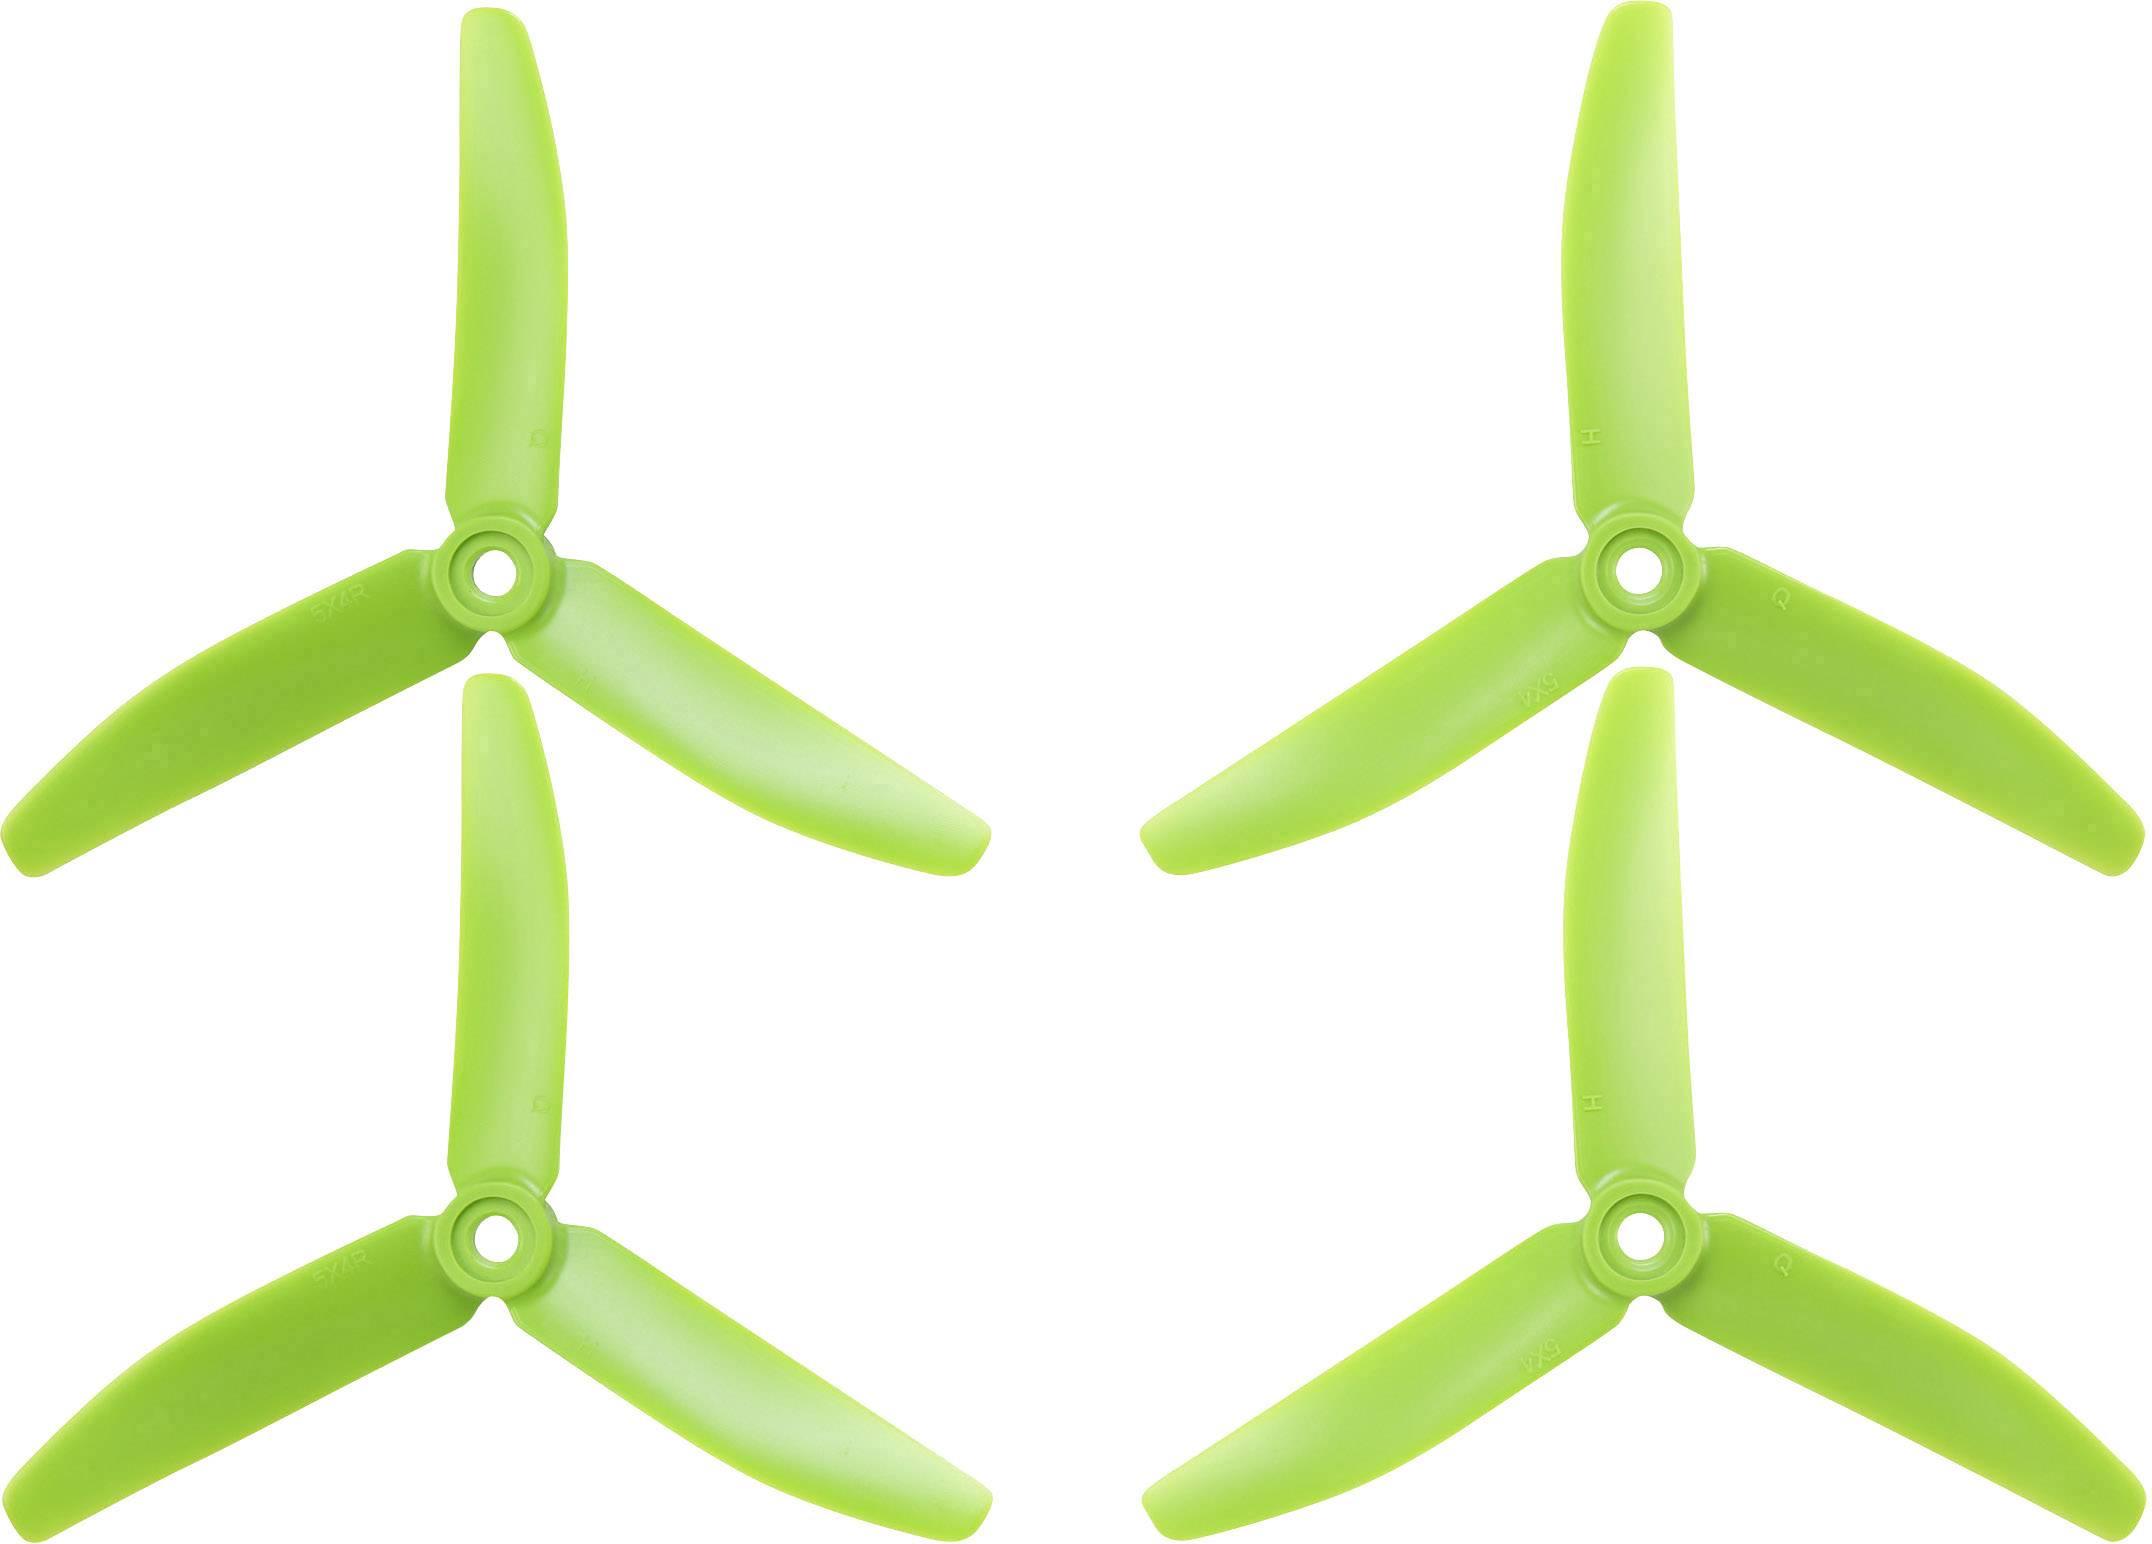 """Sada vrtulí racekoptéry HQ Prop 5 x 4 """" (12.7 x 10.2 cm) TP5X4X3G&TP5X4X3RG"""